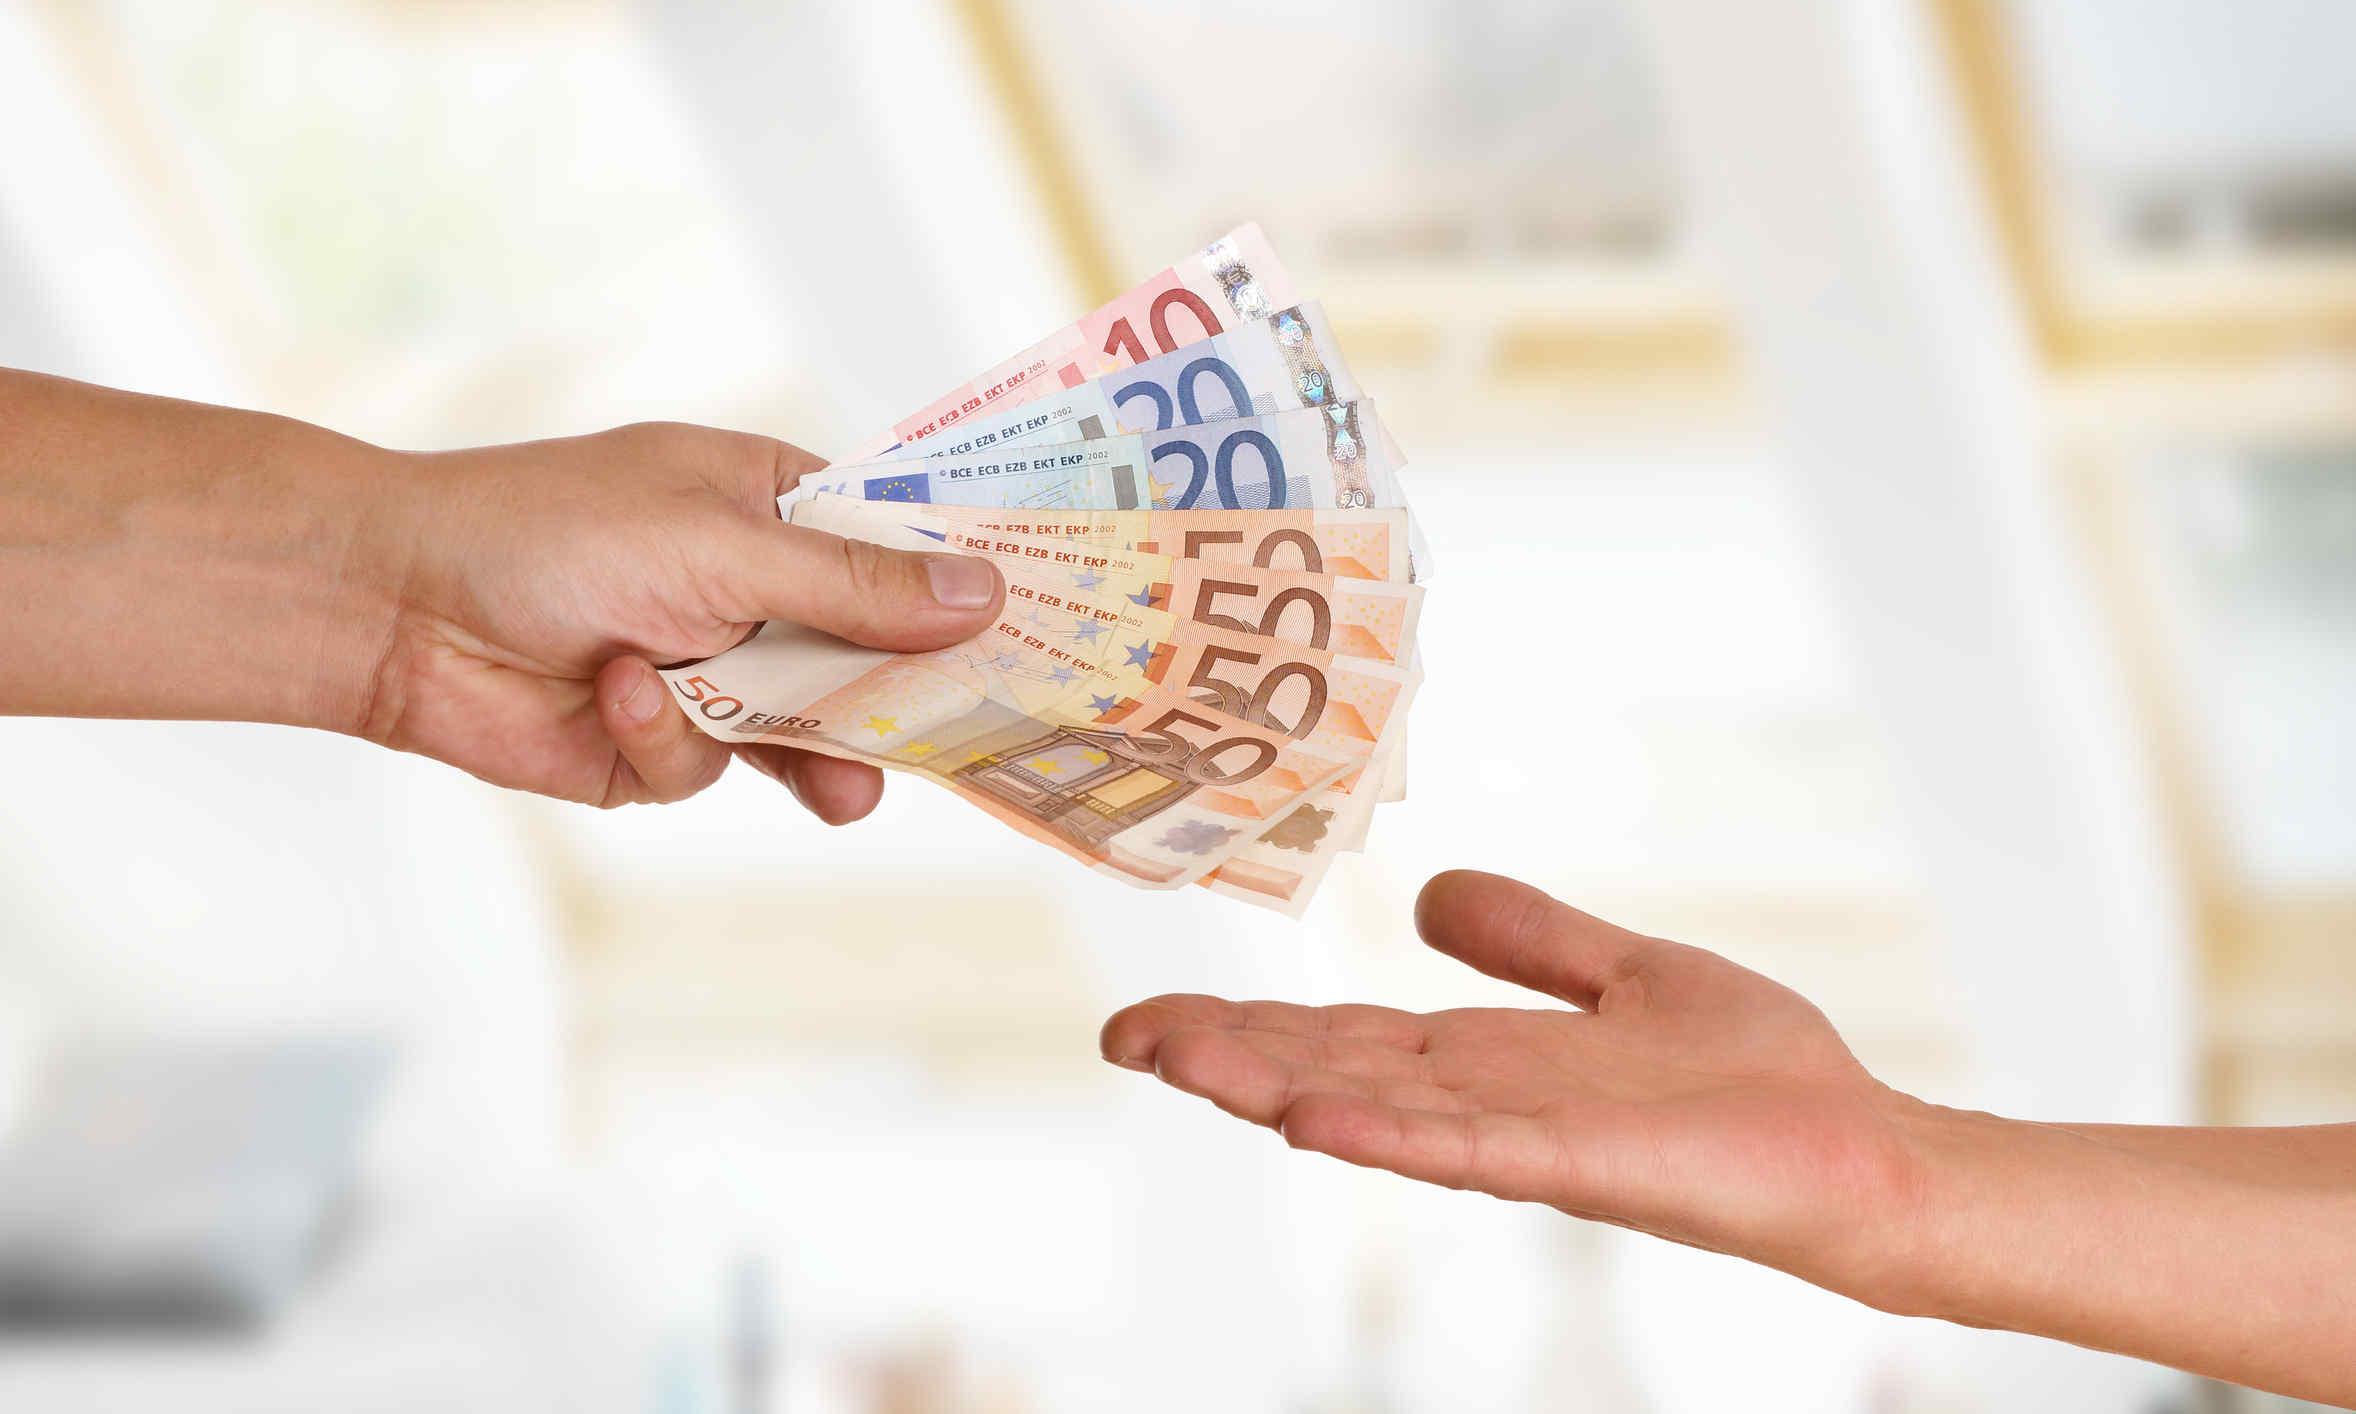 Zwei Hände tauschen Geld aus - symbolisch für die Abgabe des Pflichtteils im Erbrecht